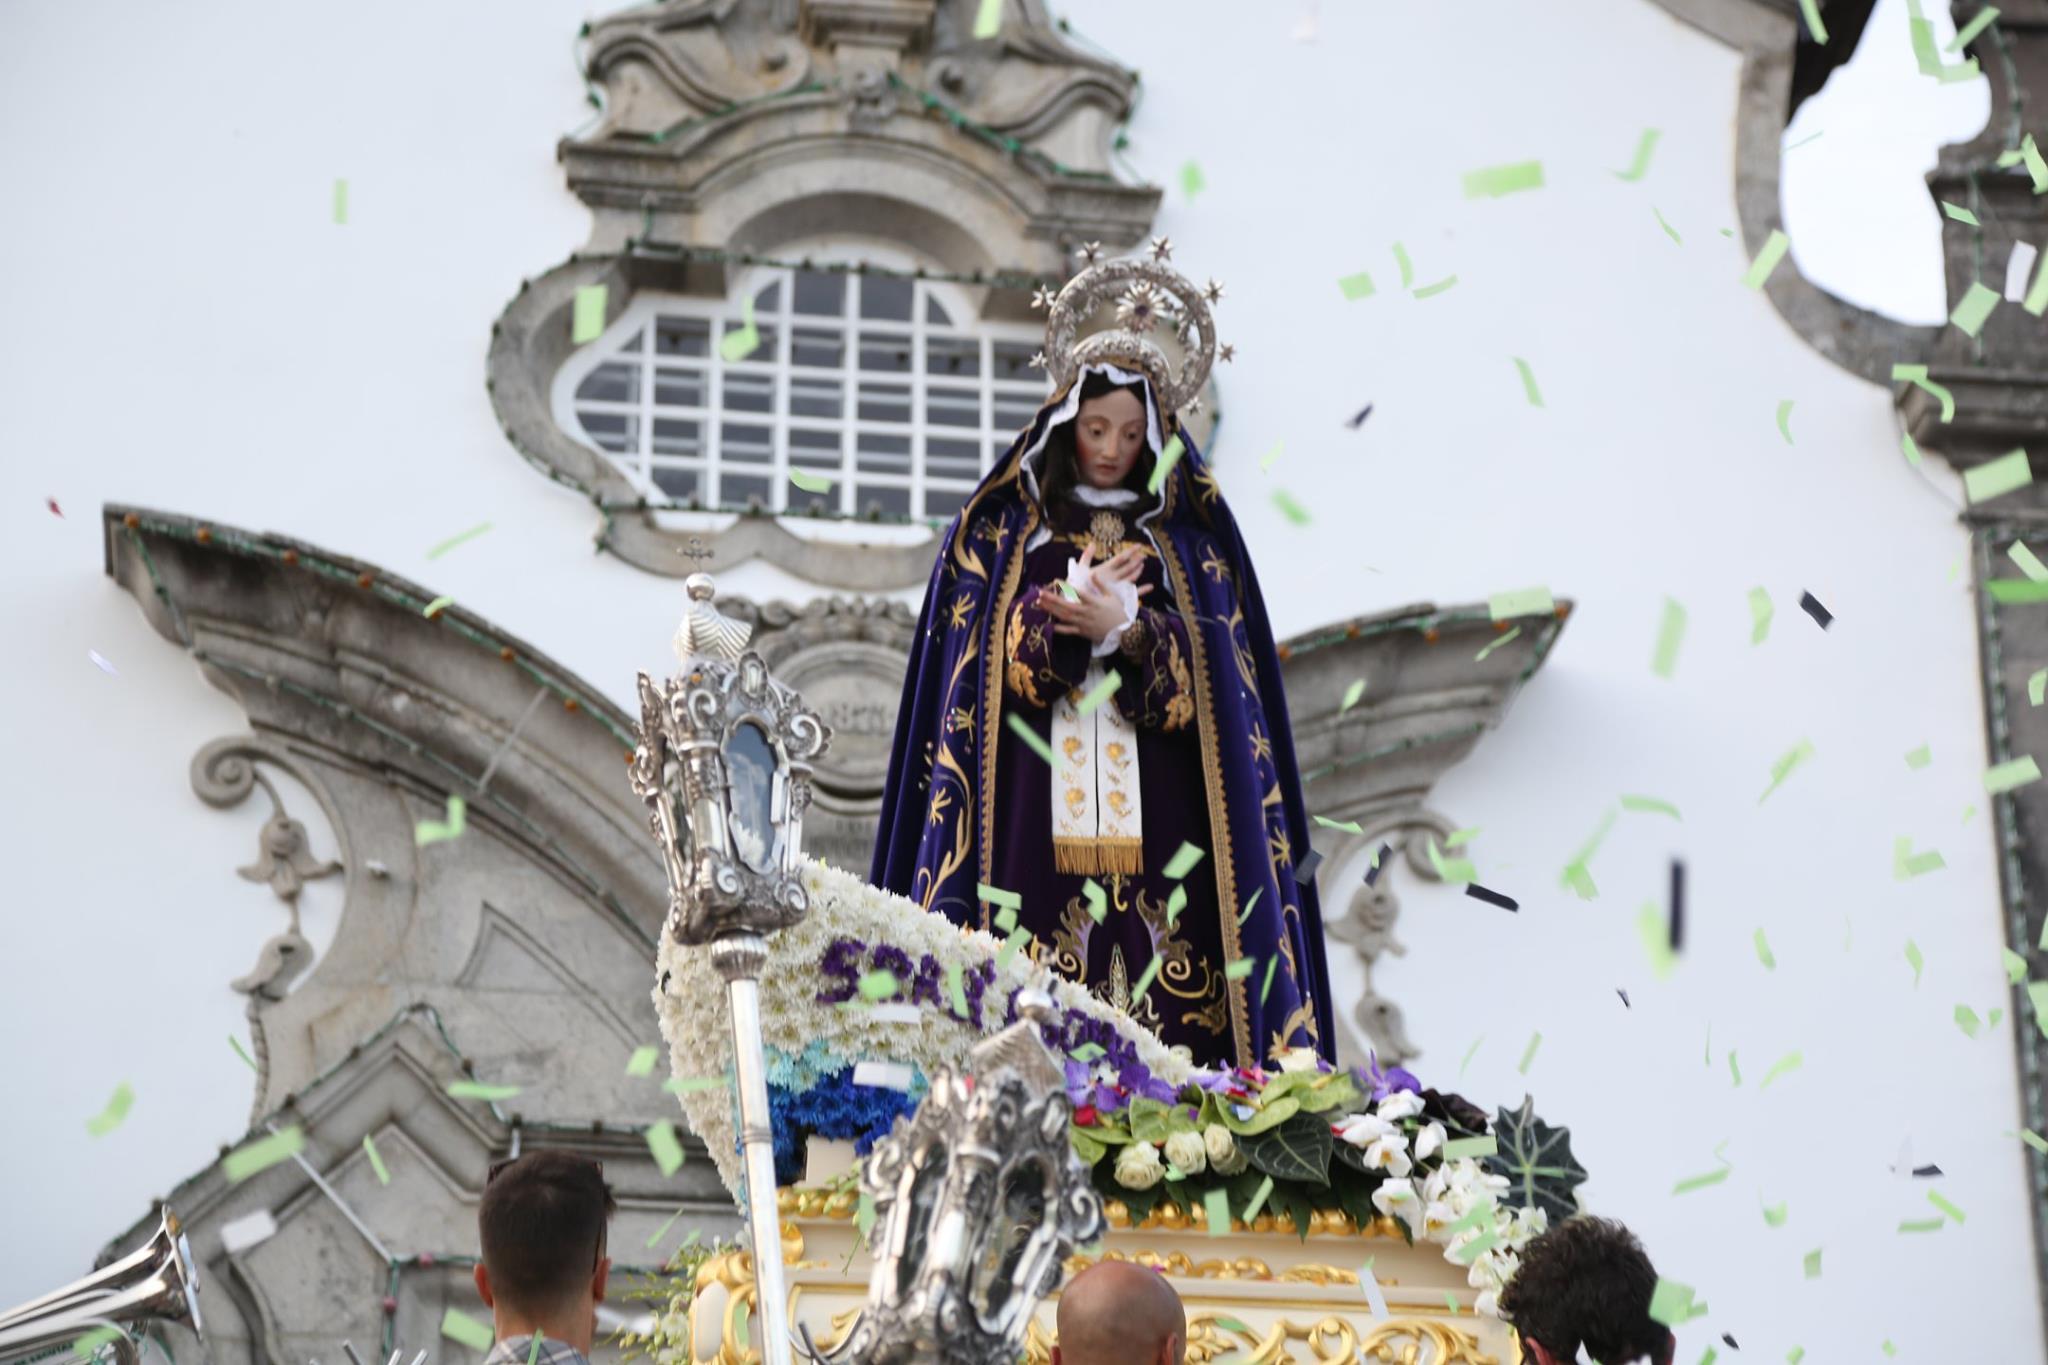 Pandemia interrompe 248 anos de festa da Rainha das Romarias de Portugal